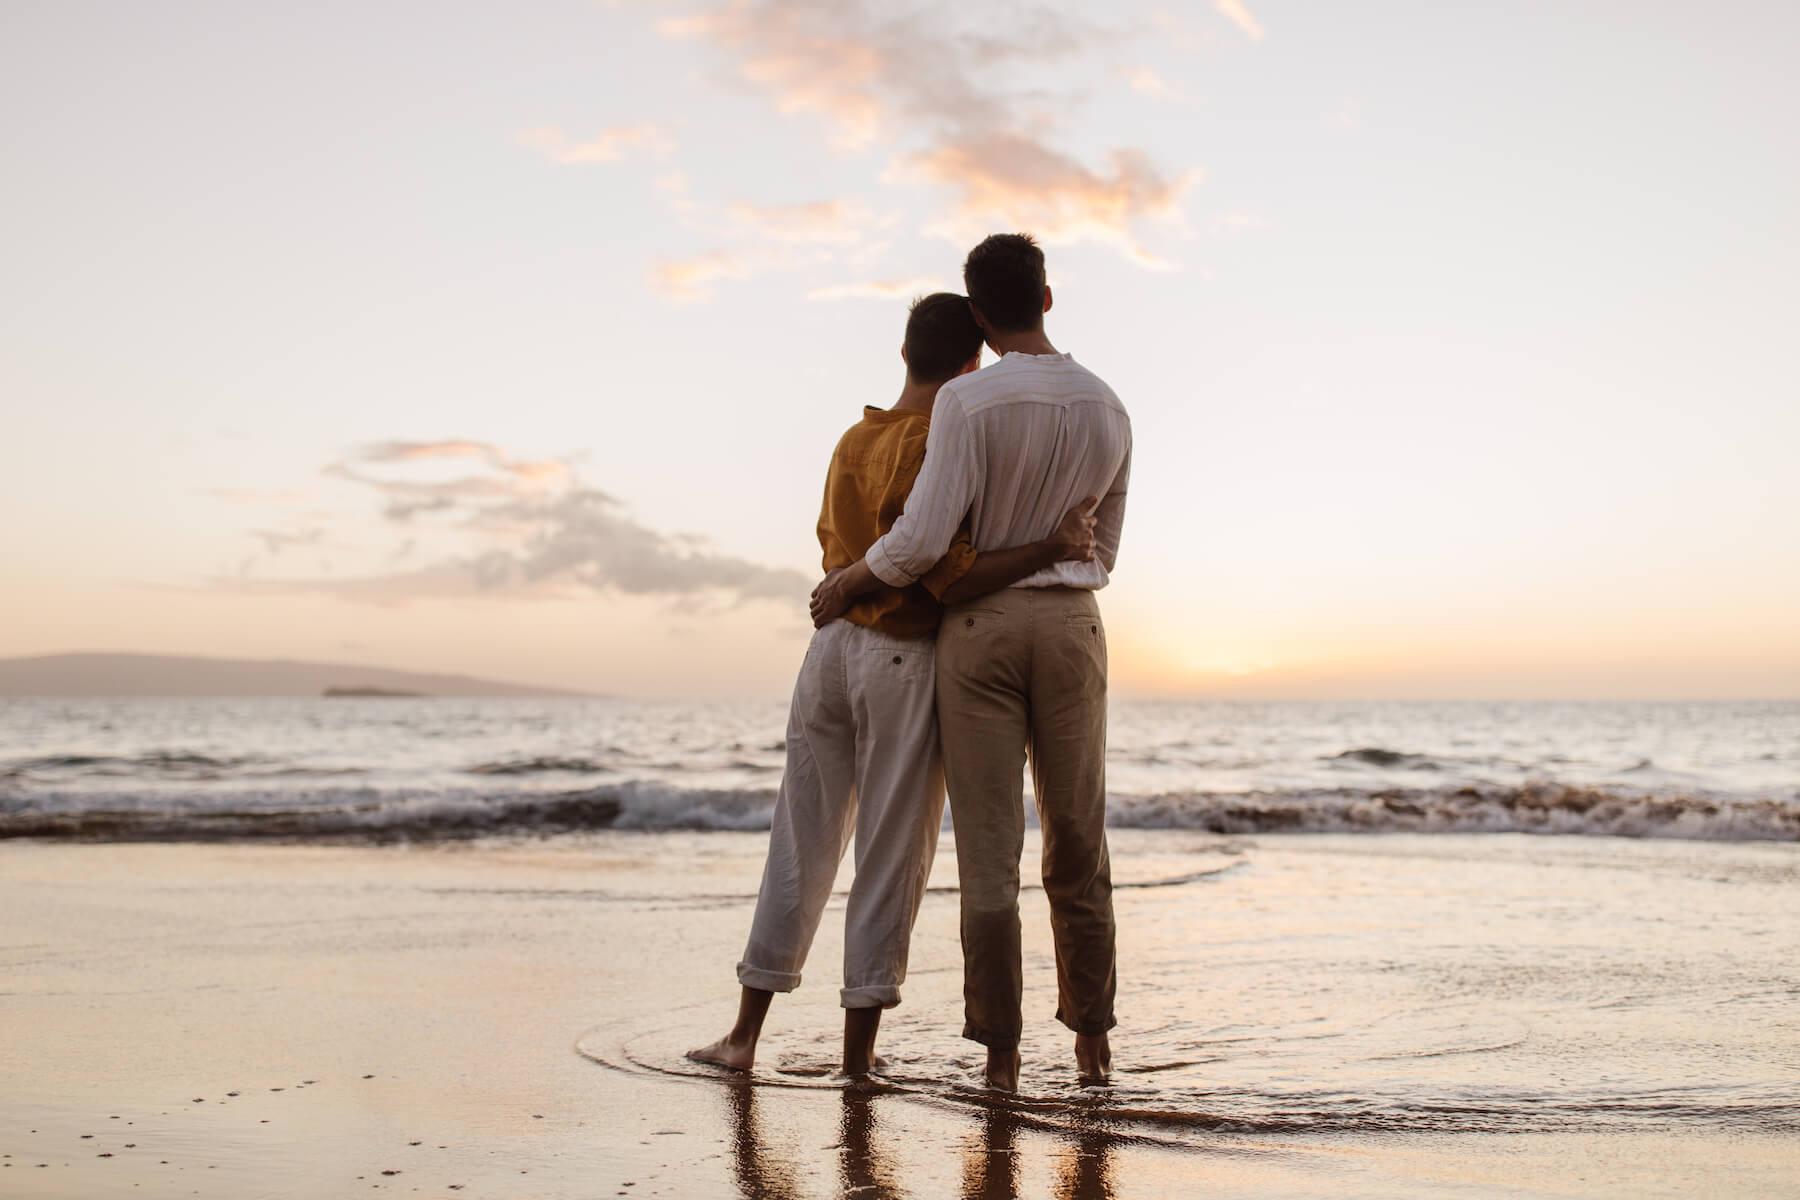 maui-03-01-2020-couples-trip-56_original